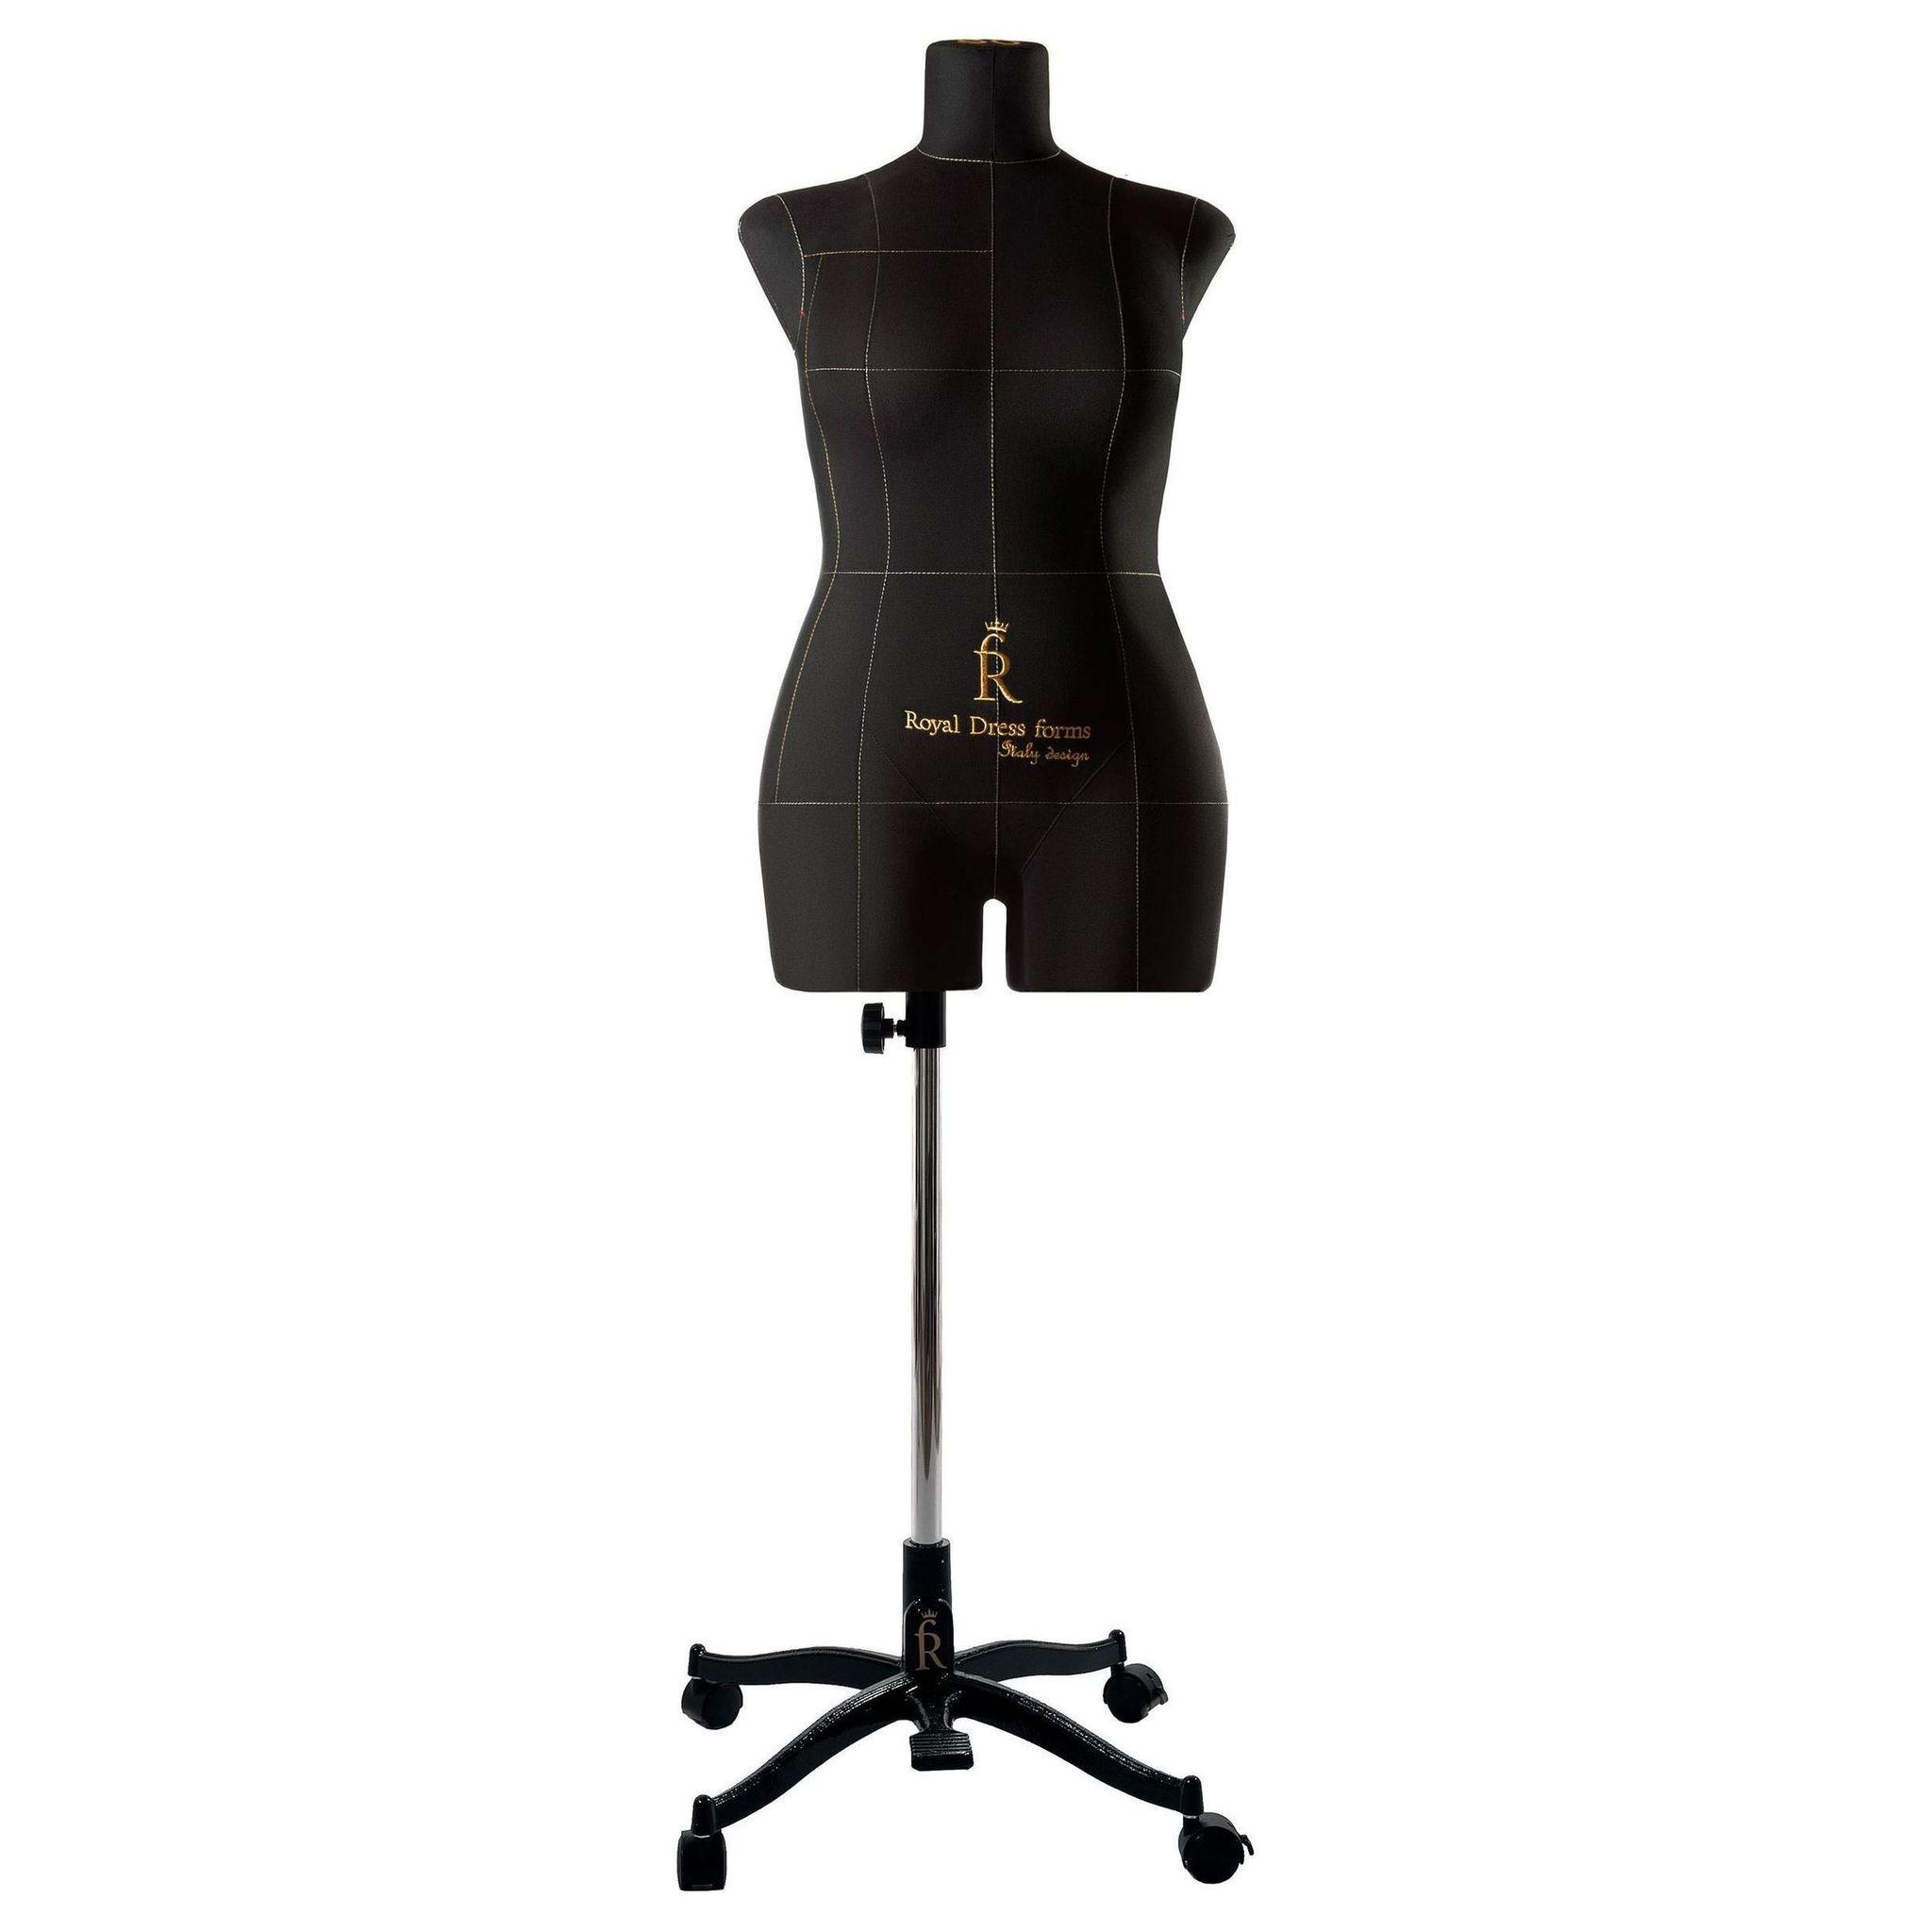 Манекен портновский Моника, комплект Премиум, размер 50, ЧерныйФото 3